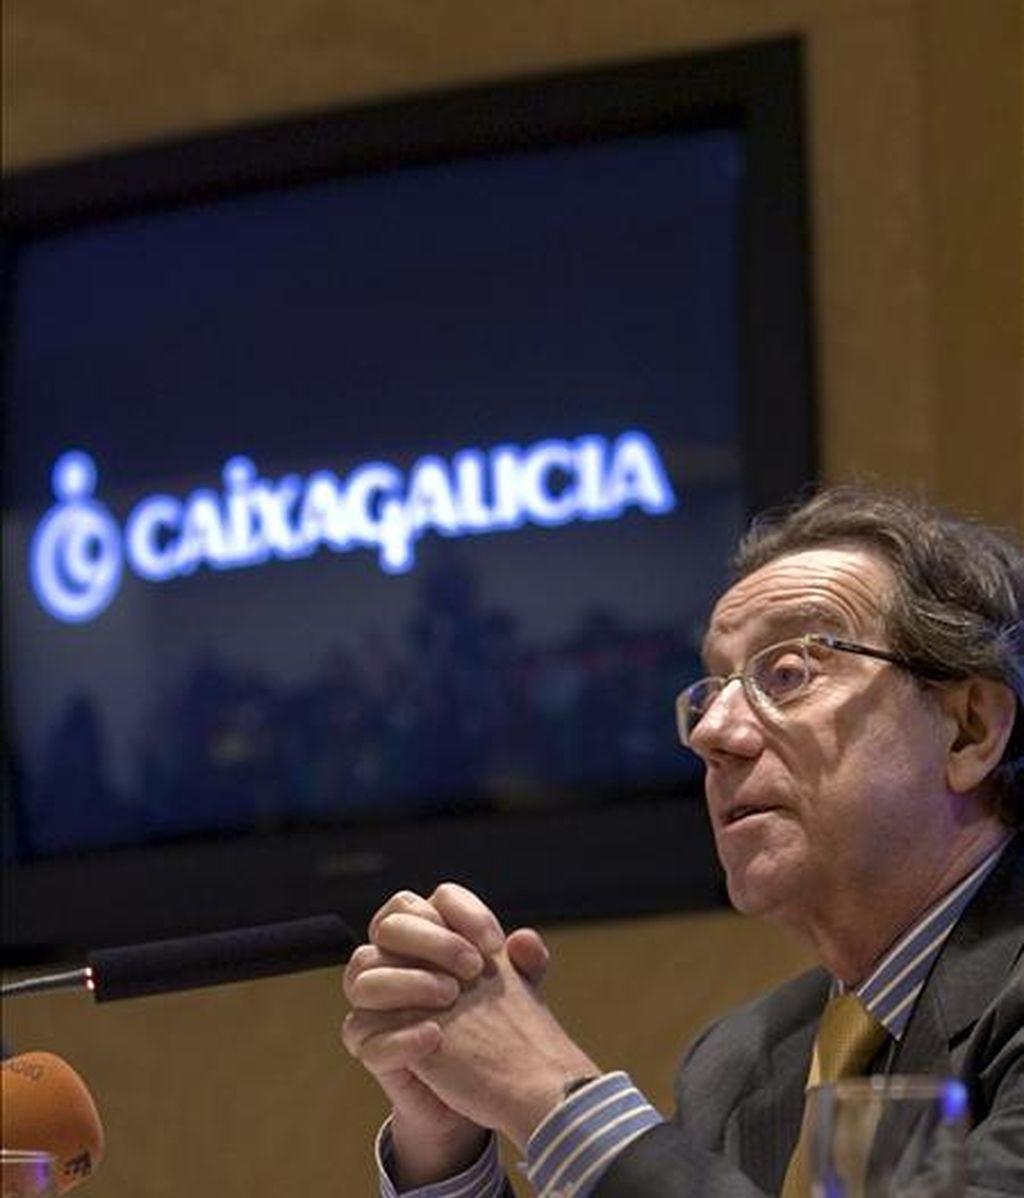 El director general de Caixa Galicia, José Luis Méndez, durante el desayuno de presentación de la inversión en tecnología y en I? de Caixa Galicia en los último años y la presentación de nuevos proyectos tecnológicos para el 2009, en un acto celebrado en el Centro de Proceso de Datos de Caixa Galicia. EFE